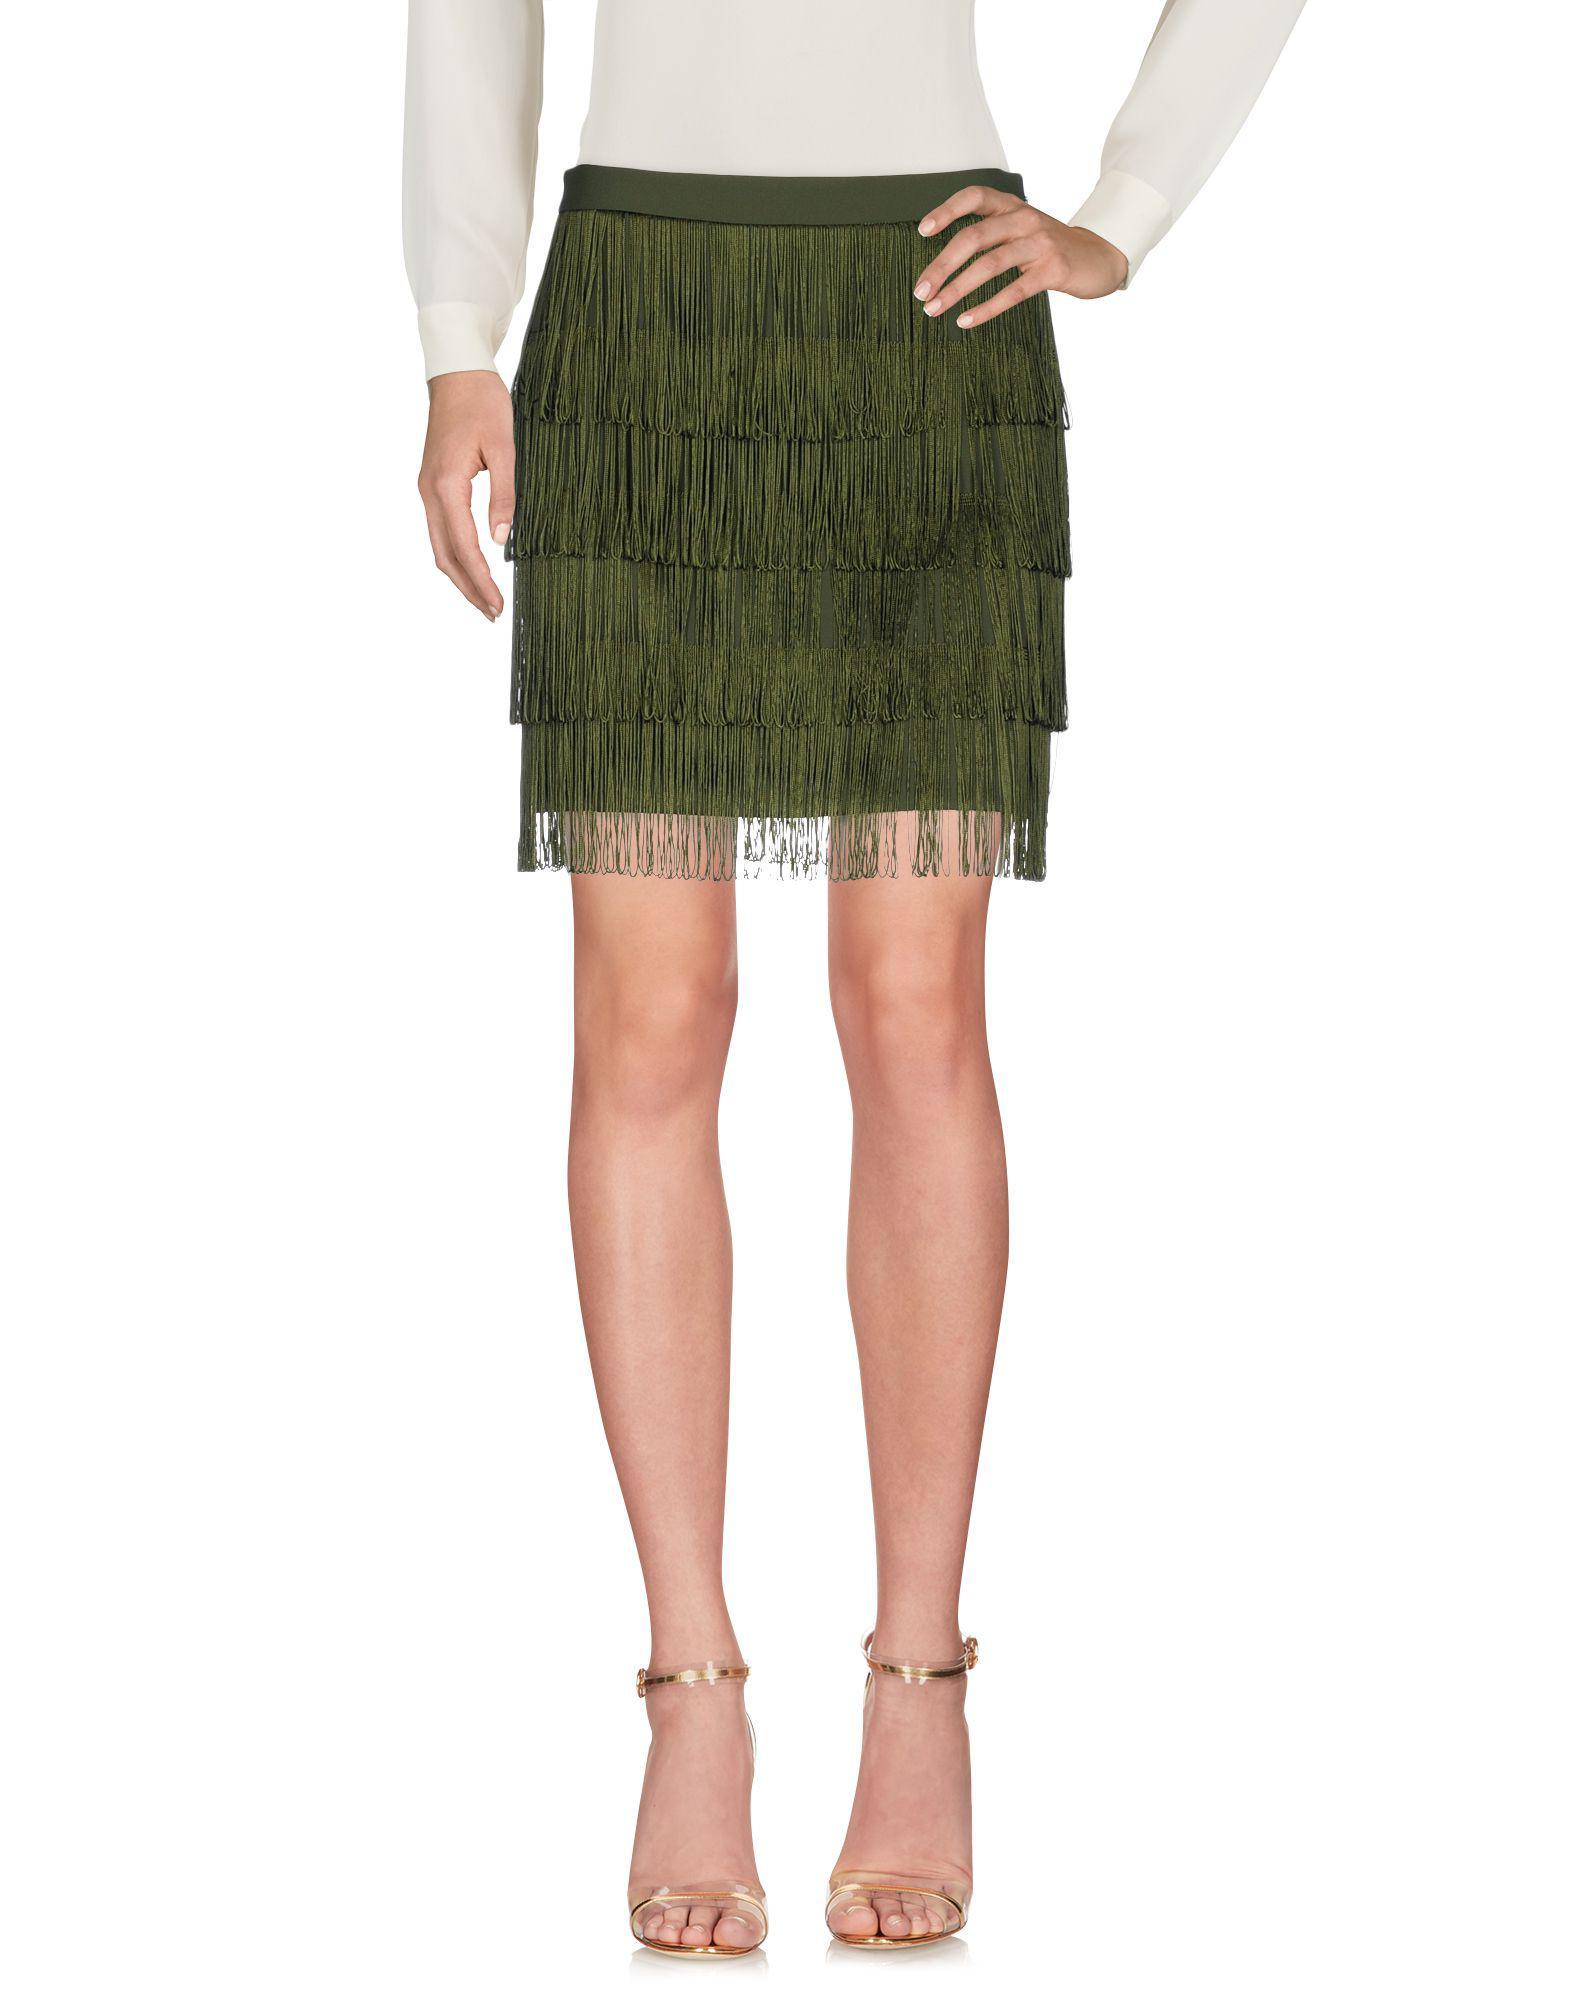 b9059bfcc2 Pinko Mini Skirt in Green - Lyst